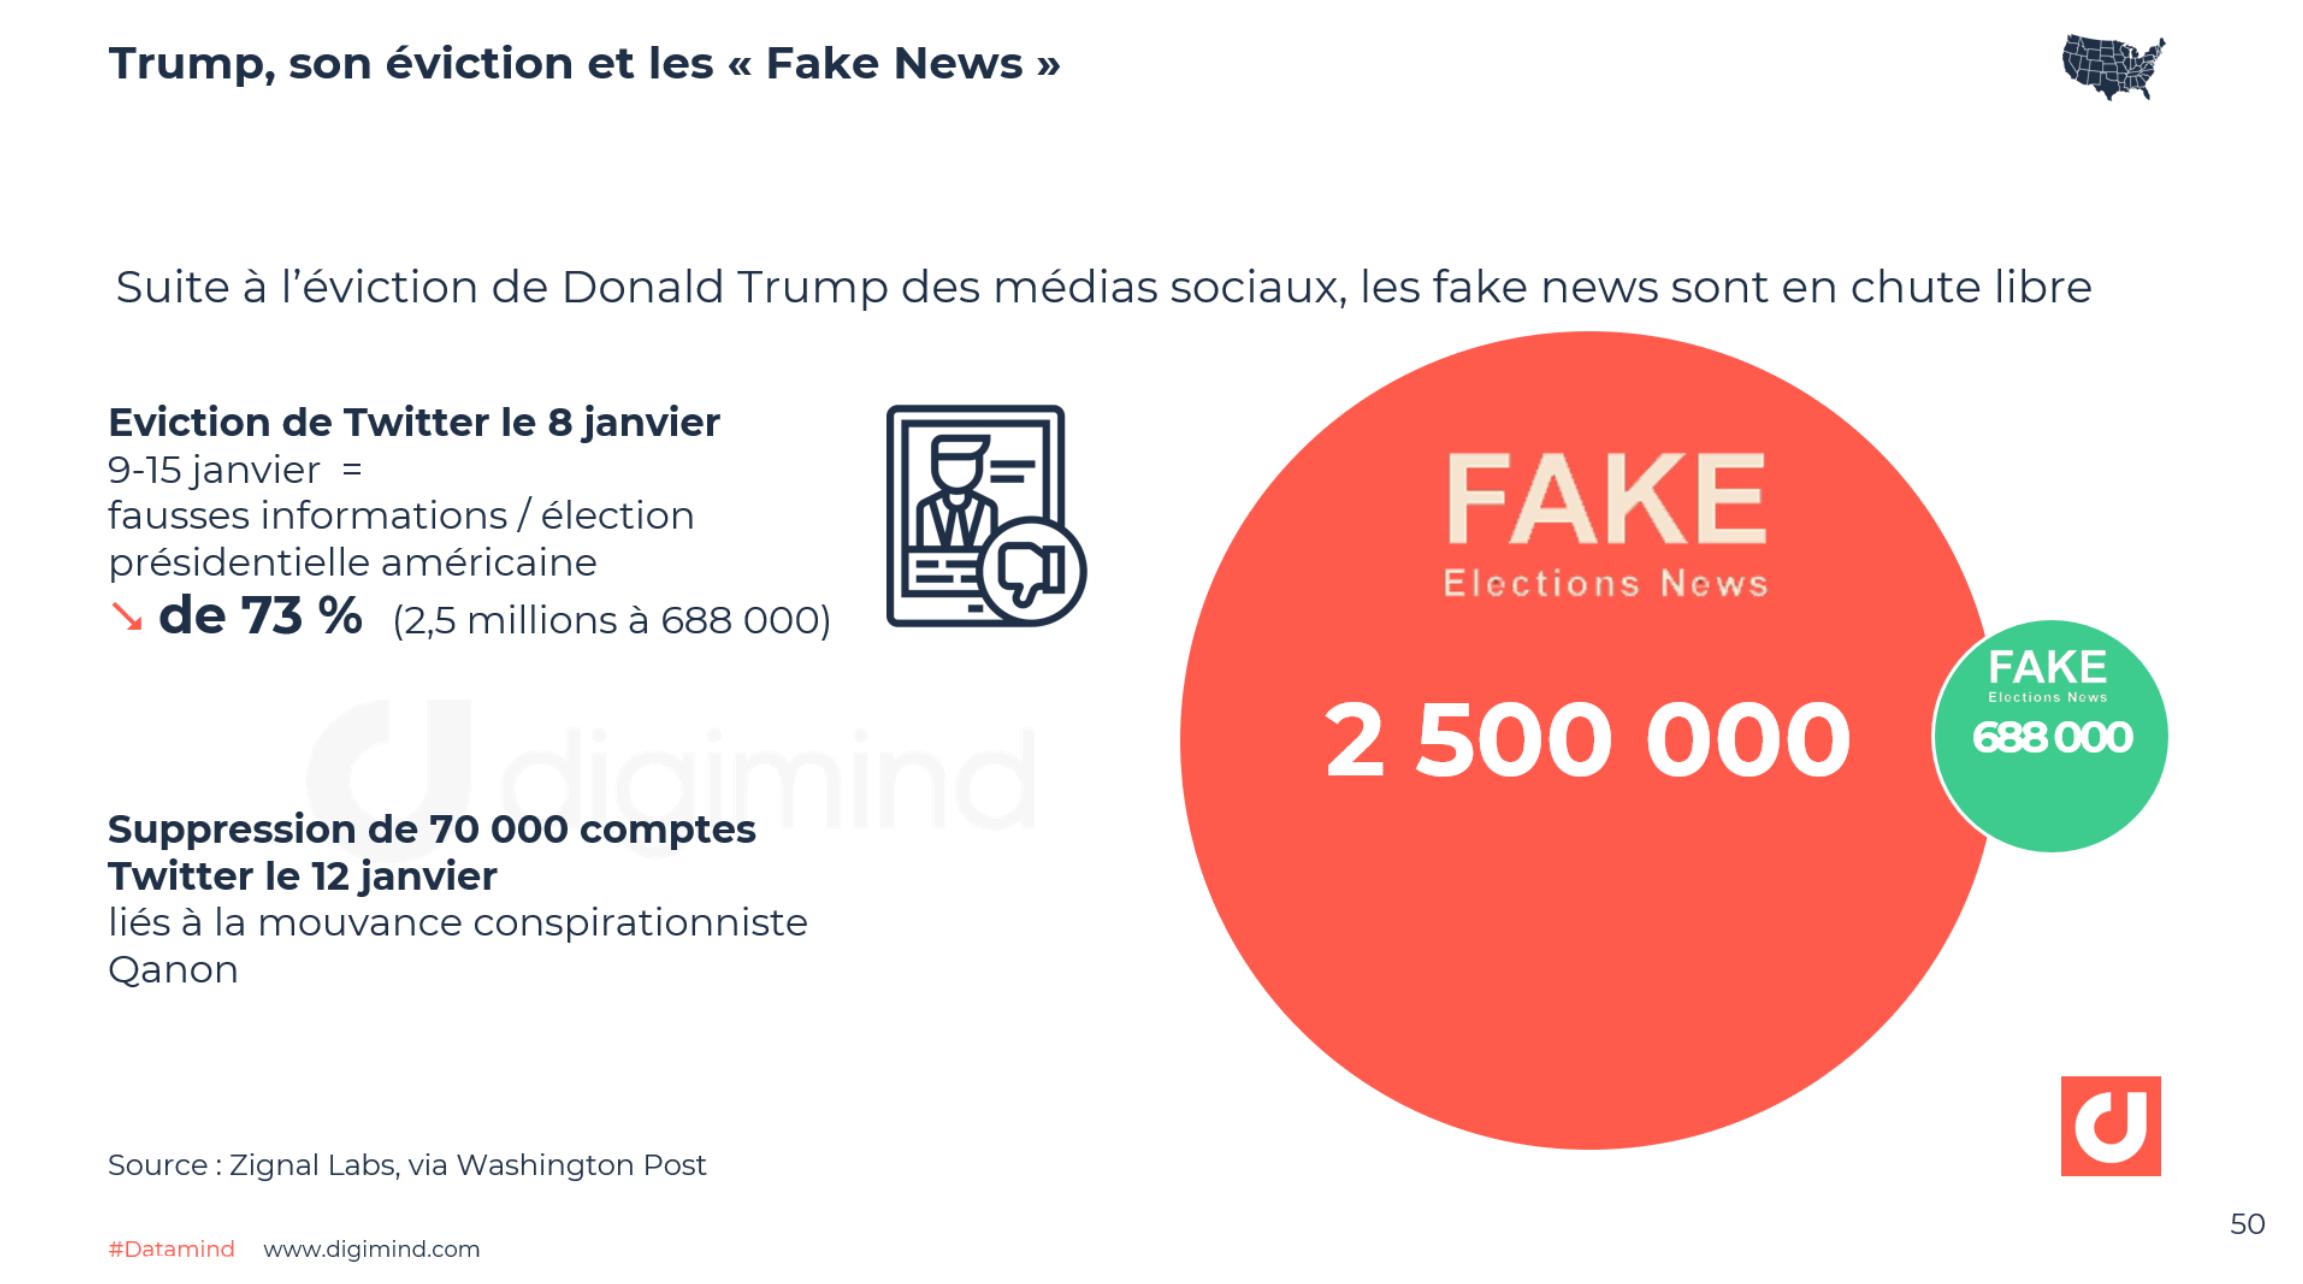 Trump, son éviction et les « Fake News » - Zignal Labs